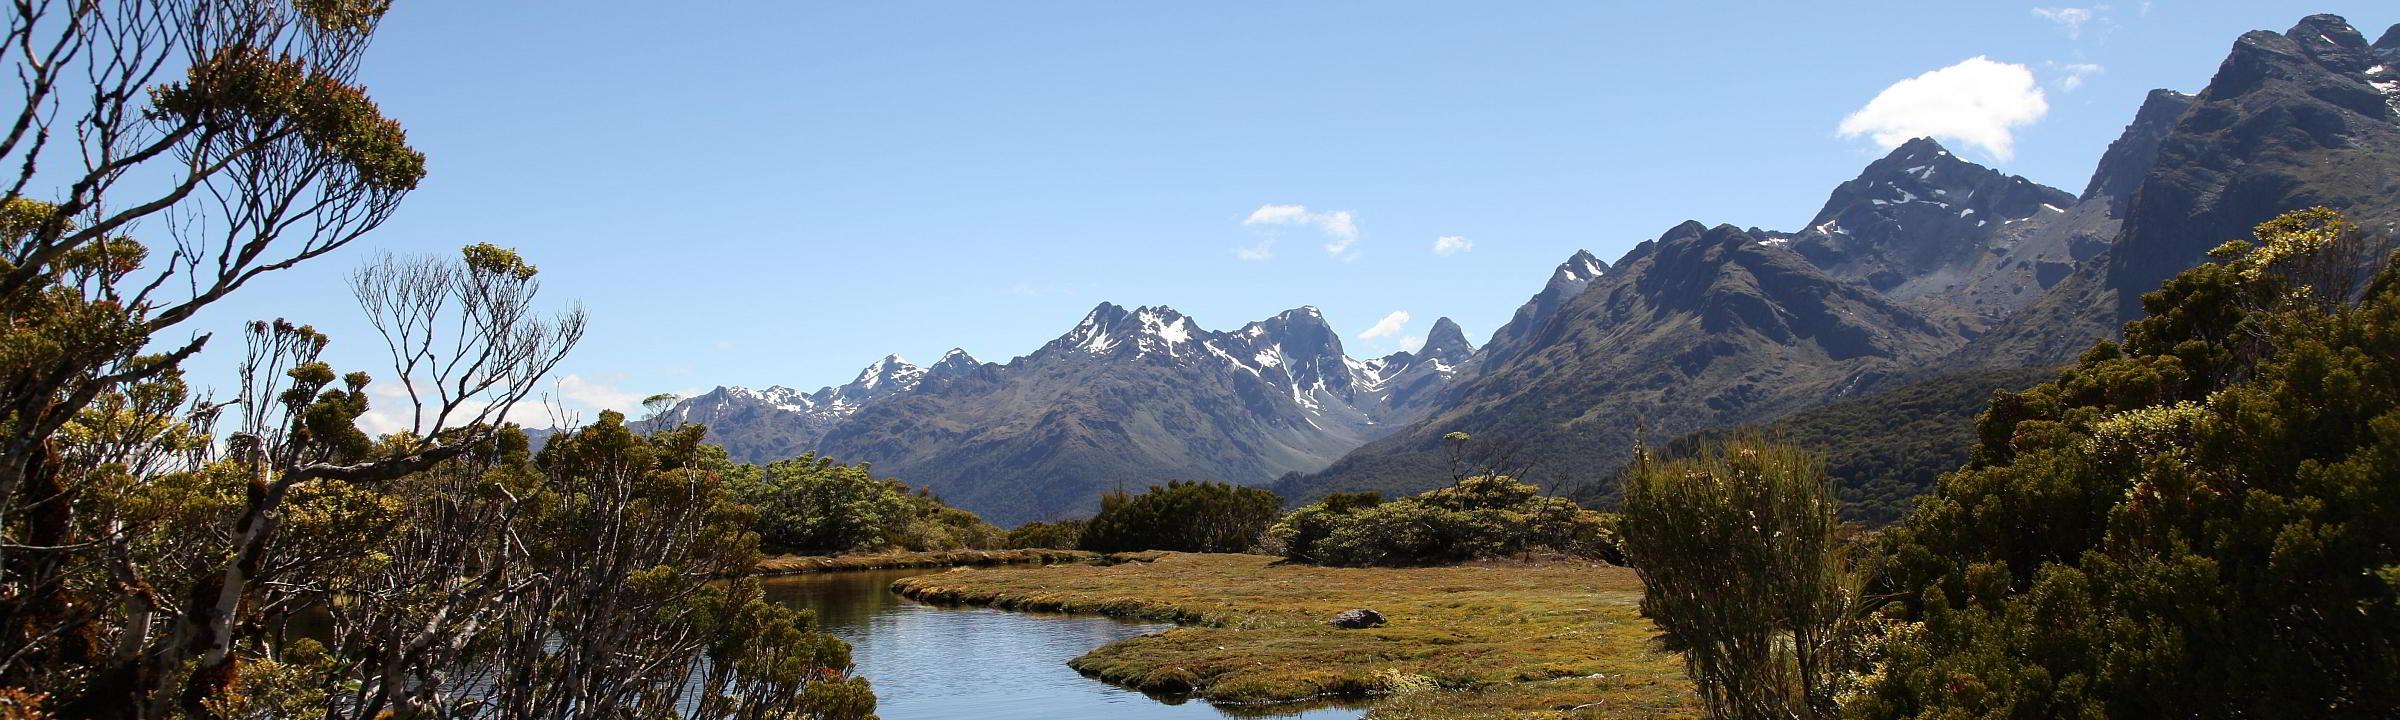 Neuseeland: Einreiseverbot für Touristen!